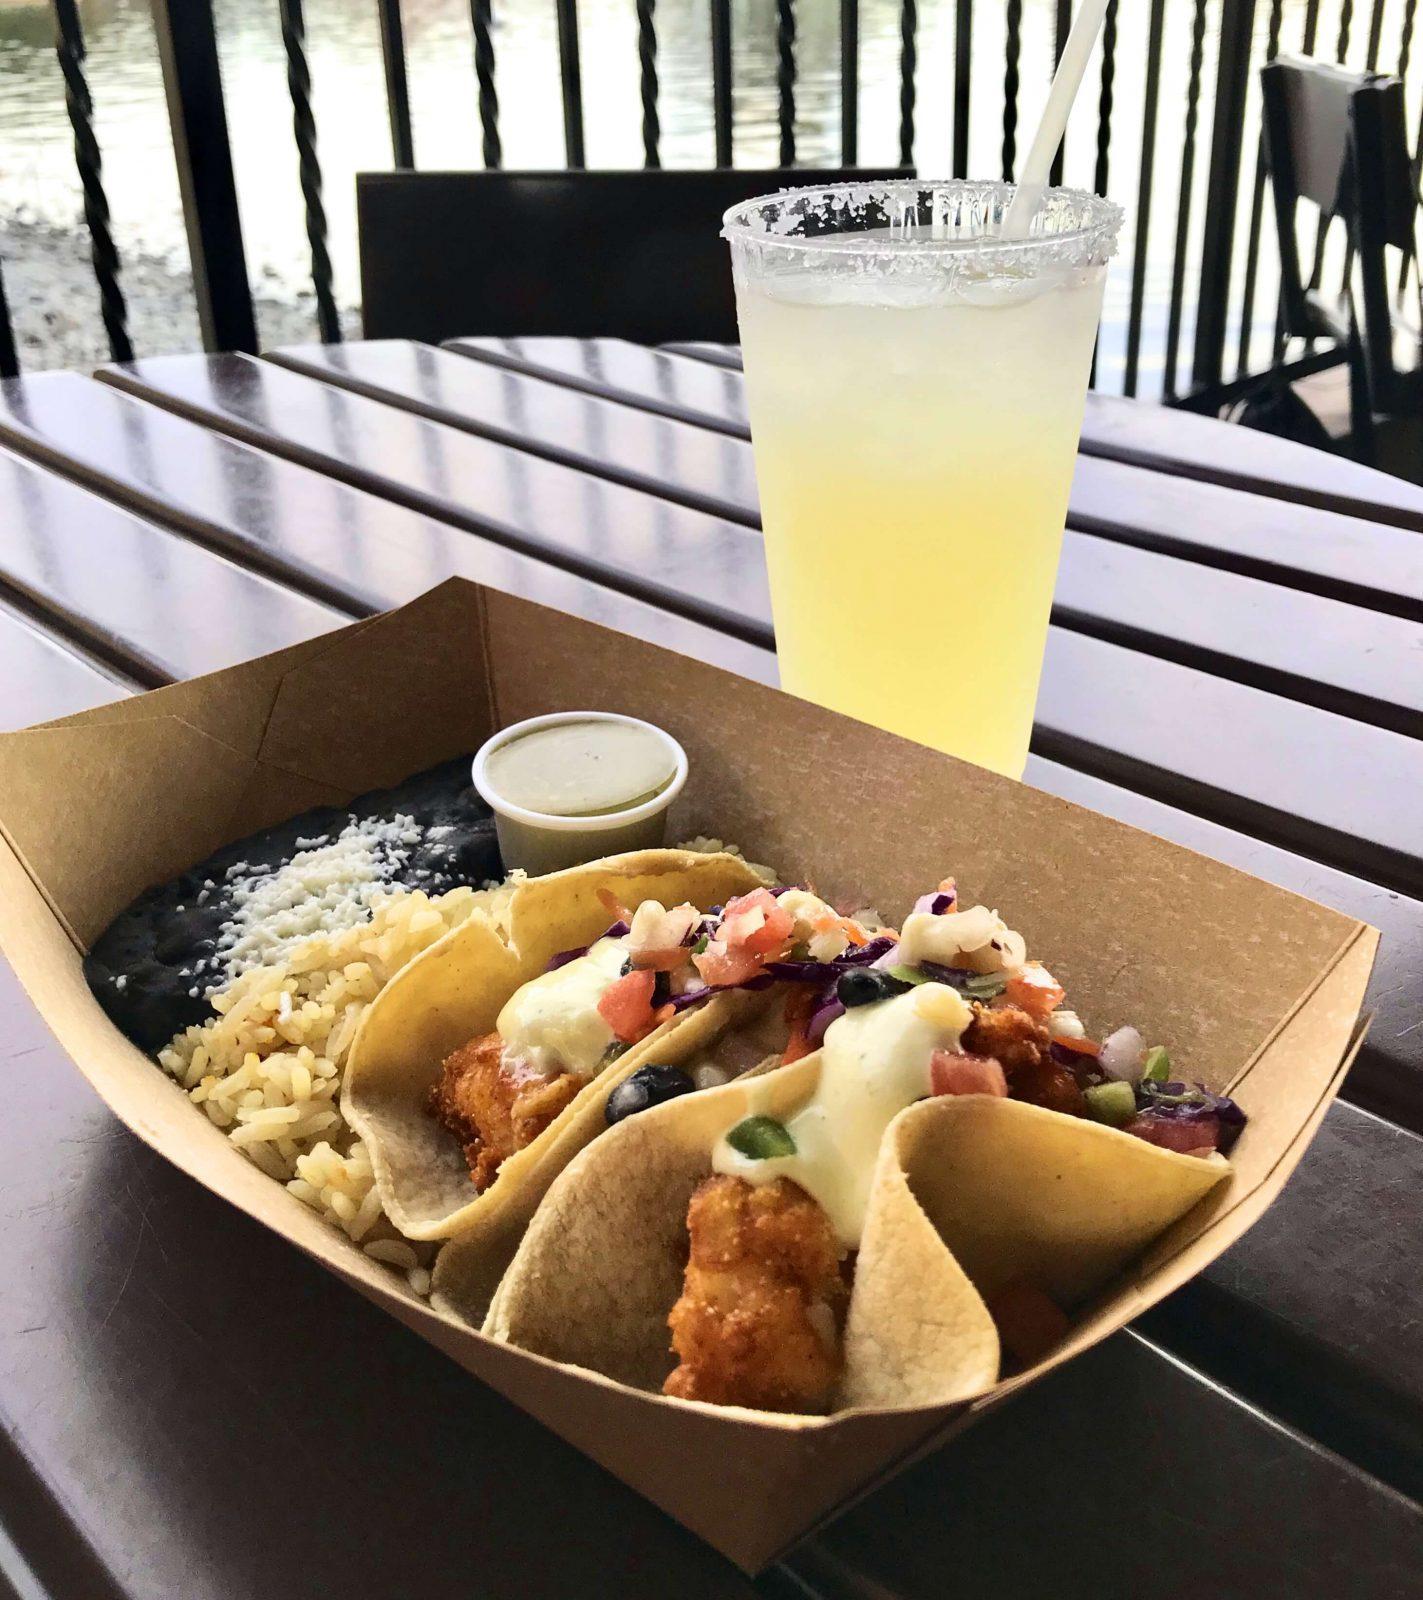 tacos and margarita at disney